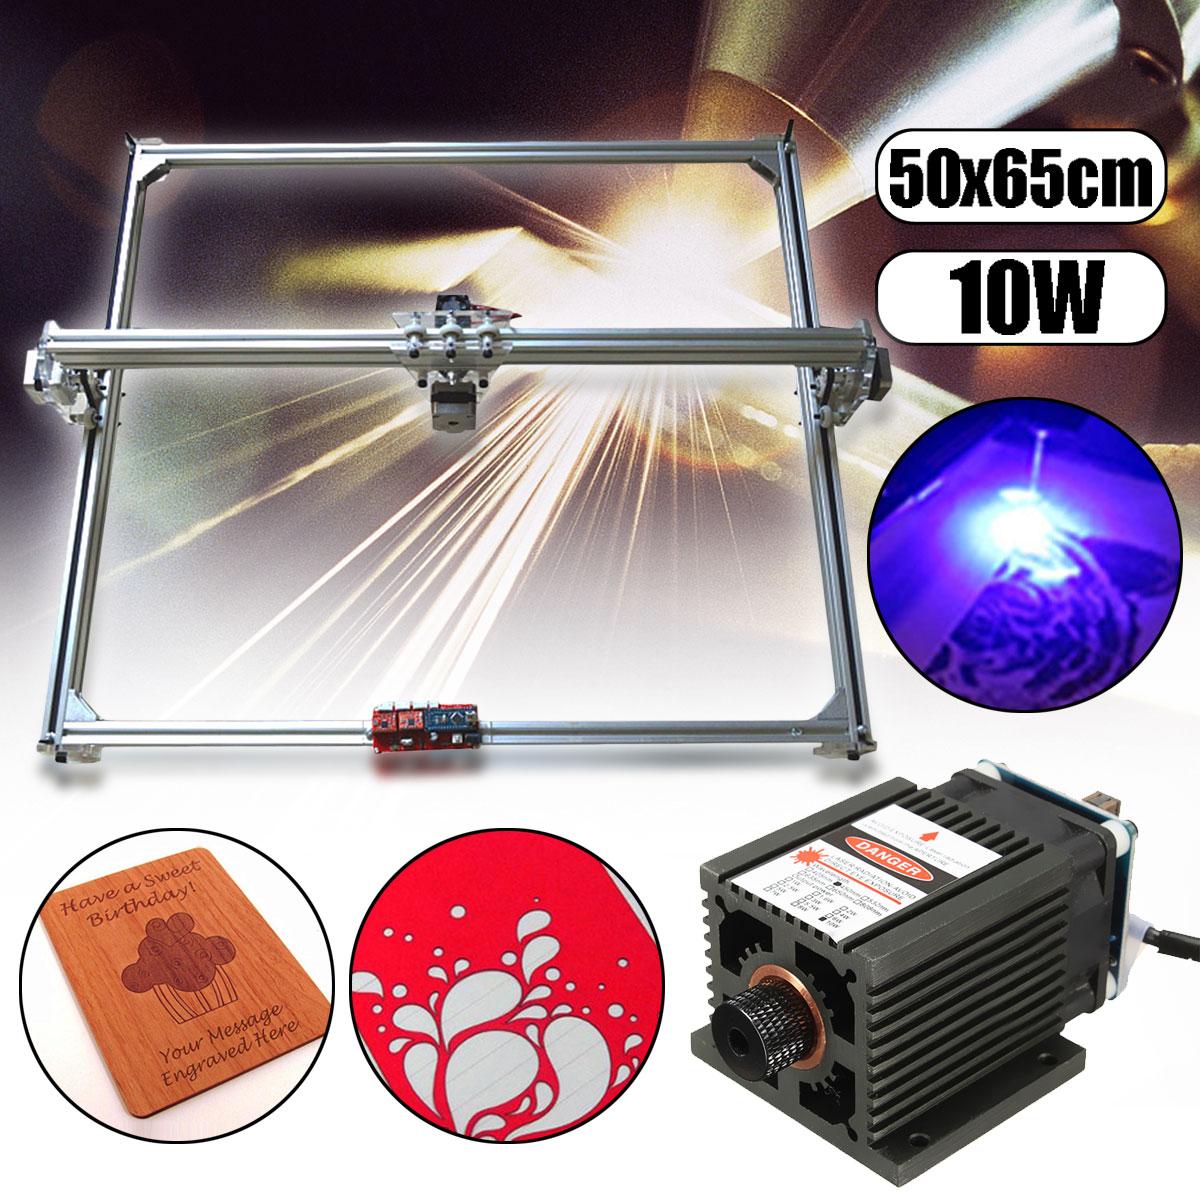 50*65 cm Zona Mini Incisione Laser Macchina di Taglio Della Stampante DC 12 v In Legno Cutter + 10 w Blu laser Testa di Potere Regolare Desktop